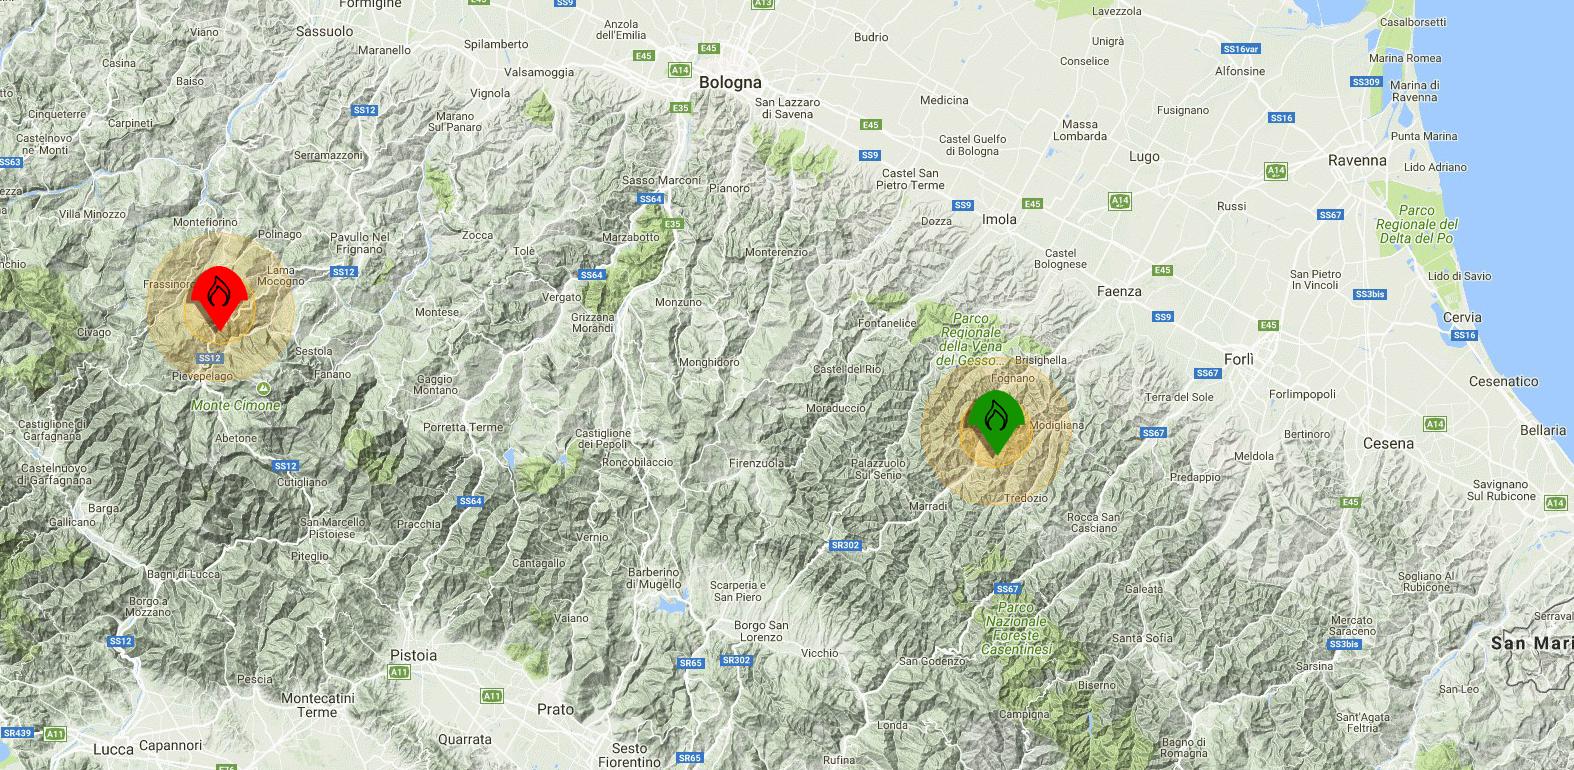 Emergenza incendi: un innovativo sistema di monitoraggio testato sull'Appennino Emiliano-Romagnolo